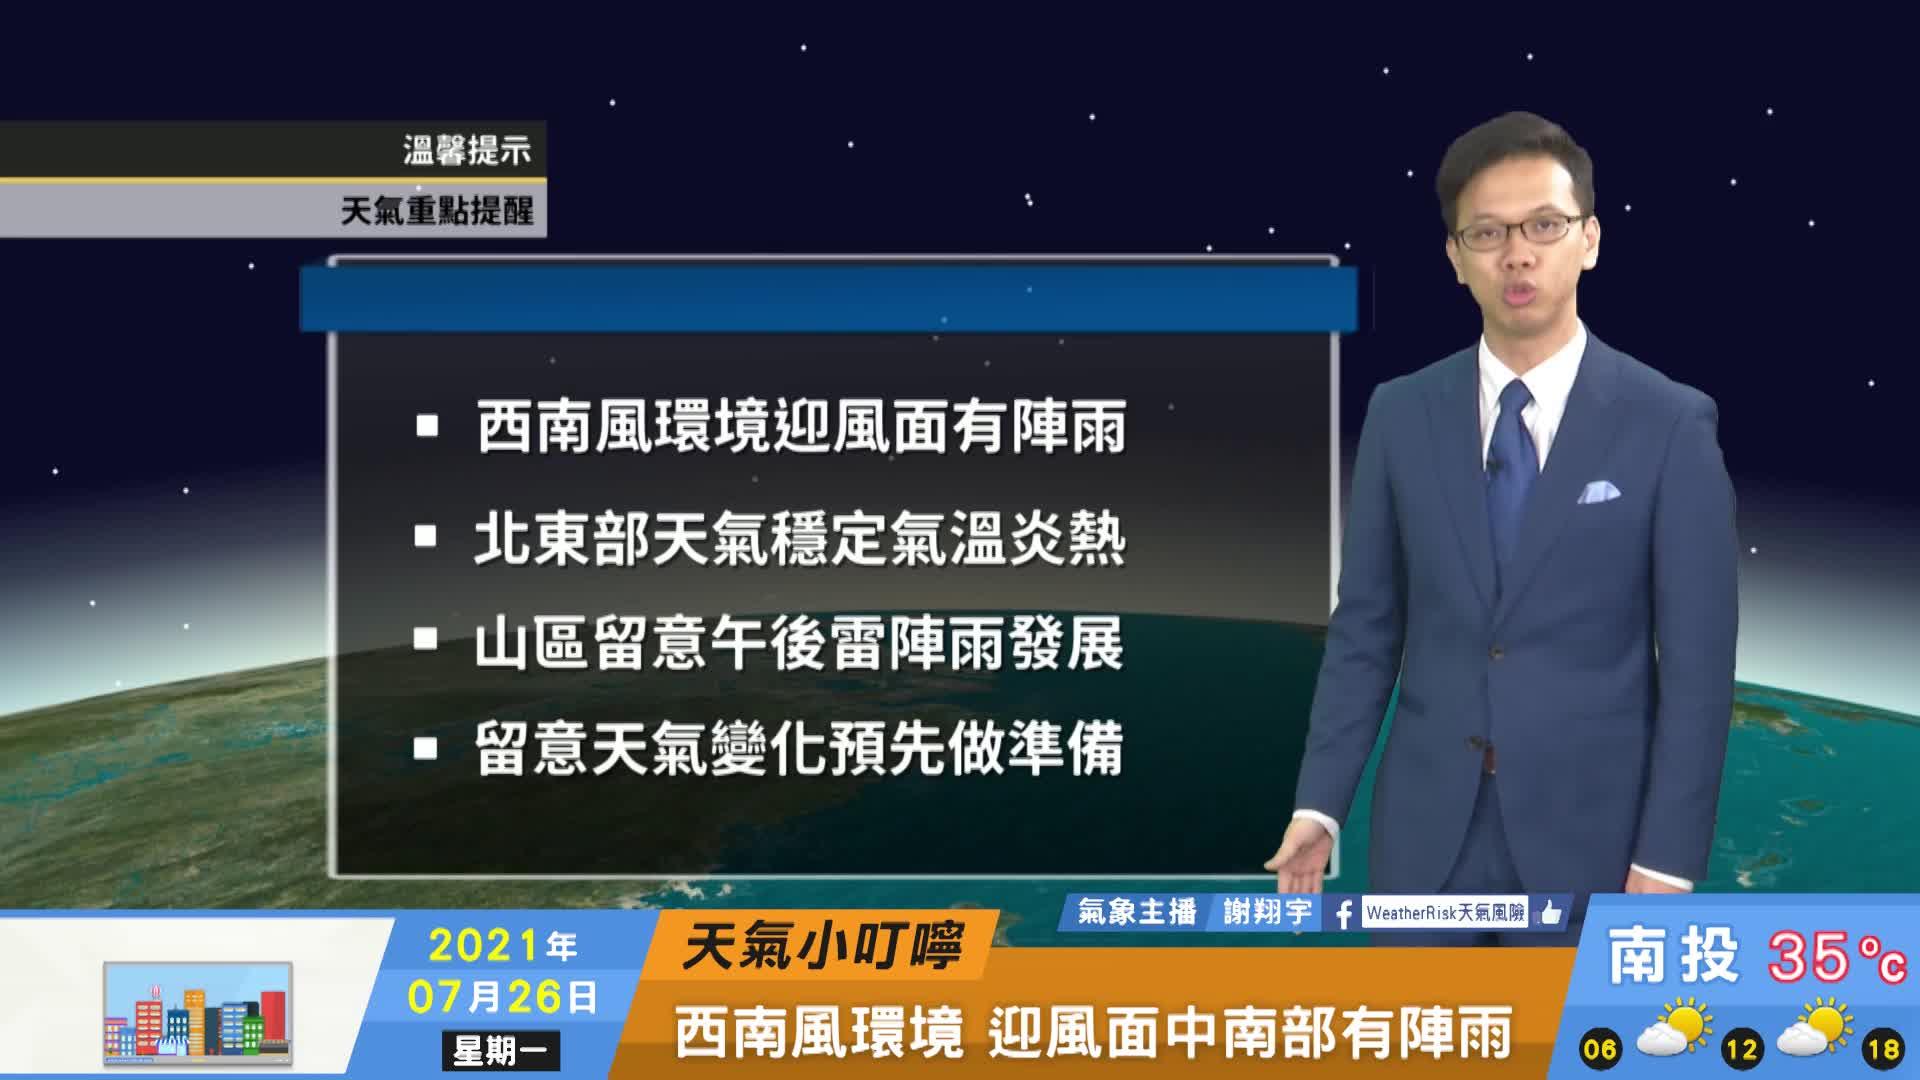 一分鐘報天氣 /週二(07/27日) 西南風影響近一週 中南部有雨北東炎熱